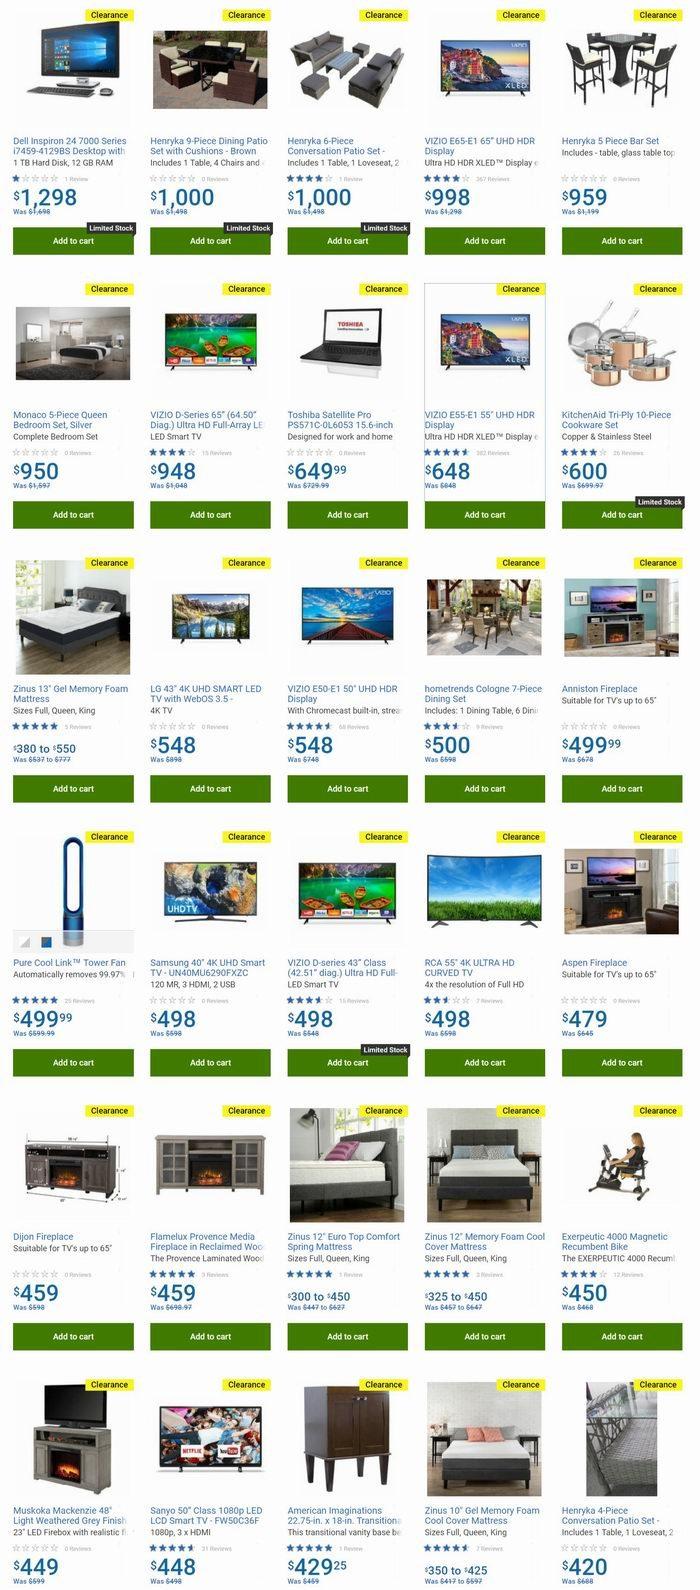 精选 LG、VIZIO、Sharp等电视品牌及庭院藤椅清仓特卖!